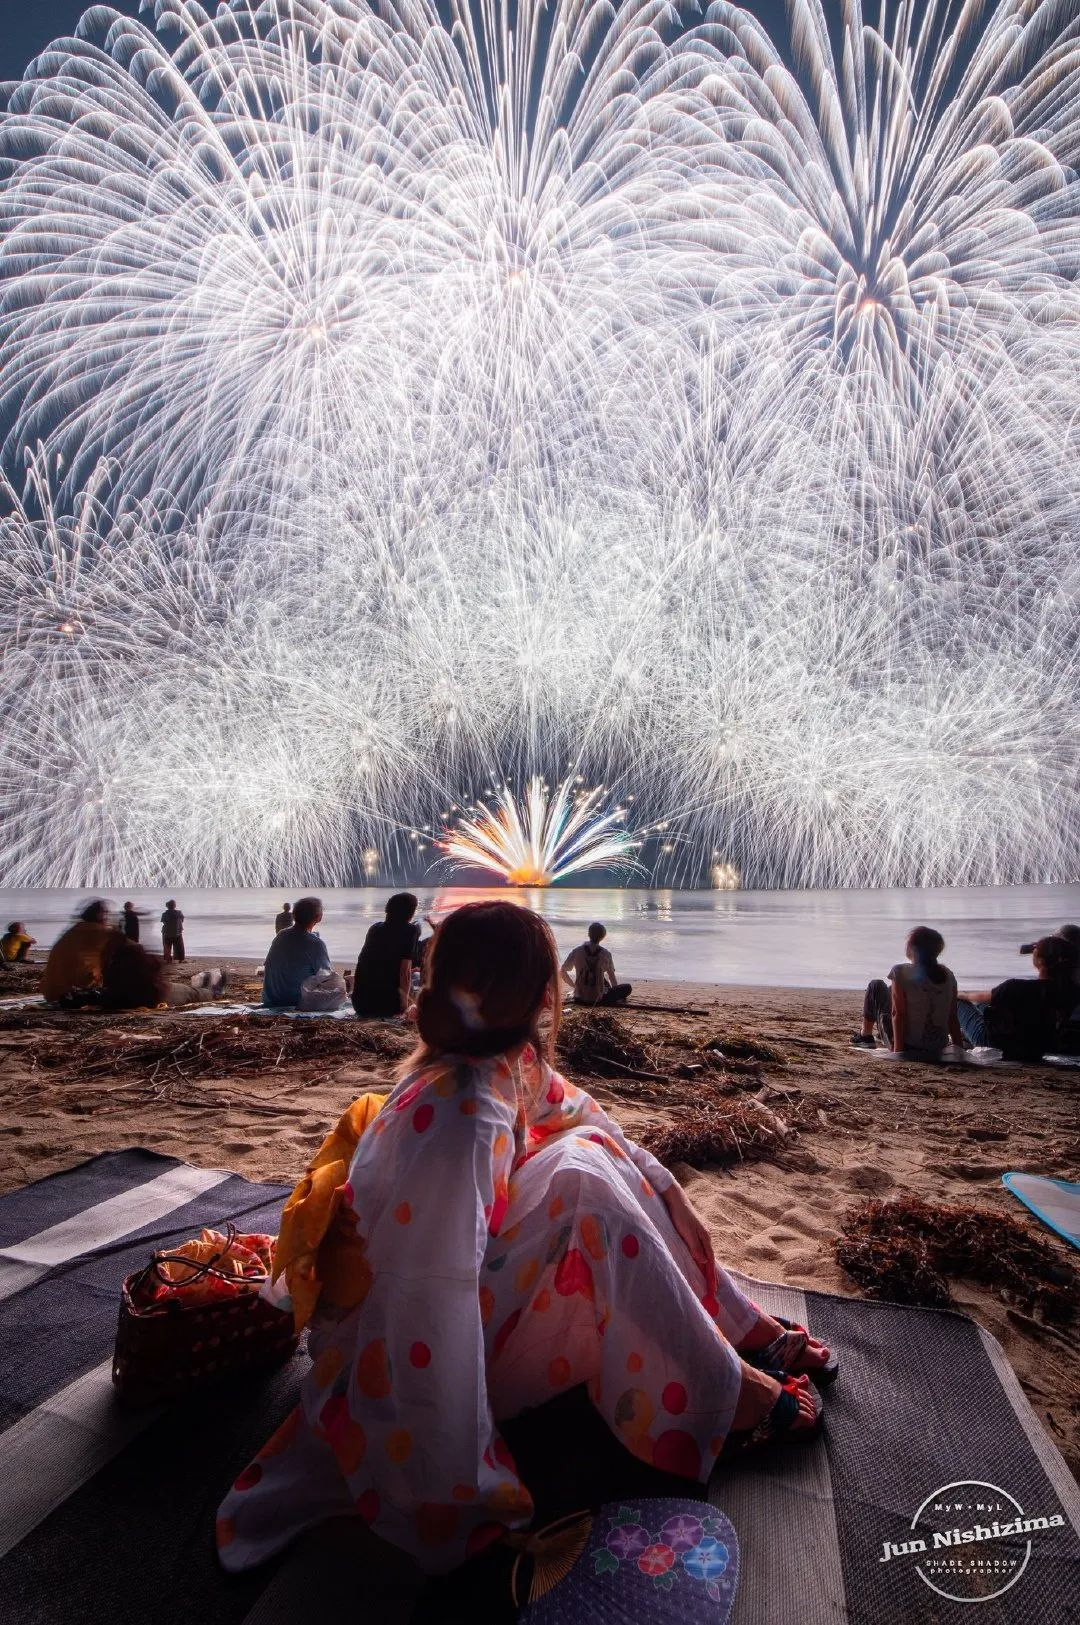 2020日本三重县的花火大会,星光灿烂,令人惊奇!_图片 No.3